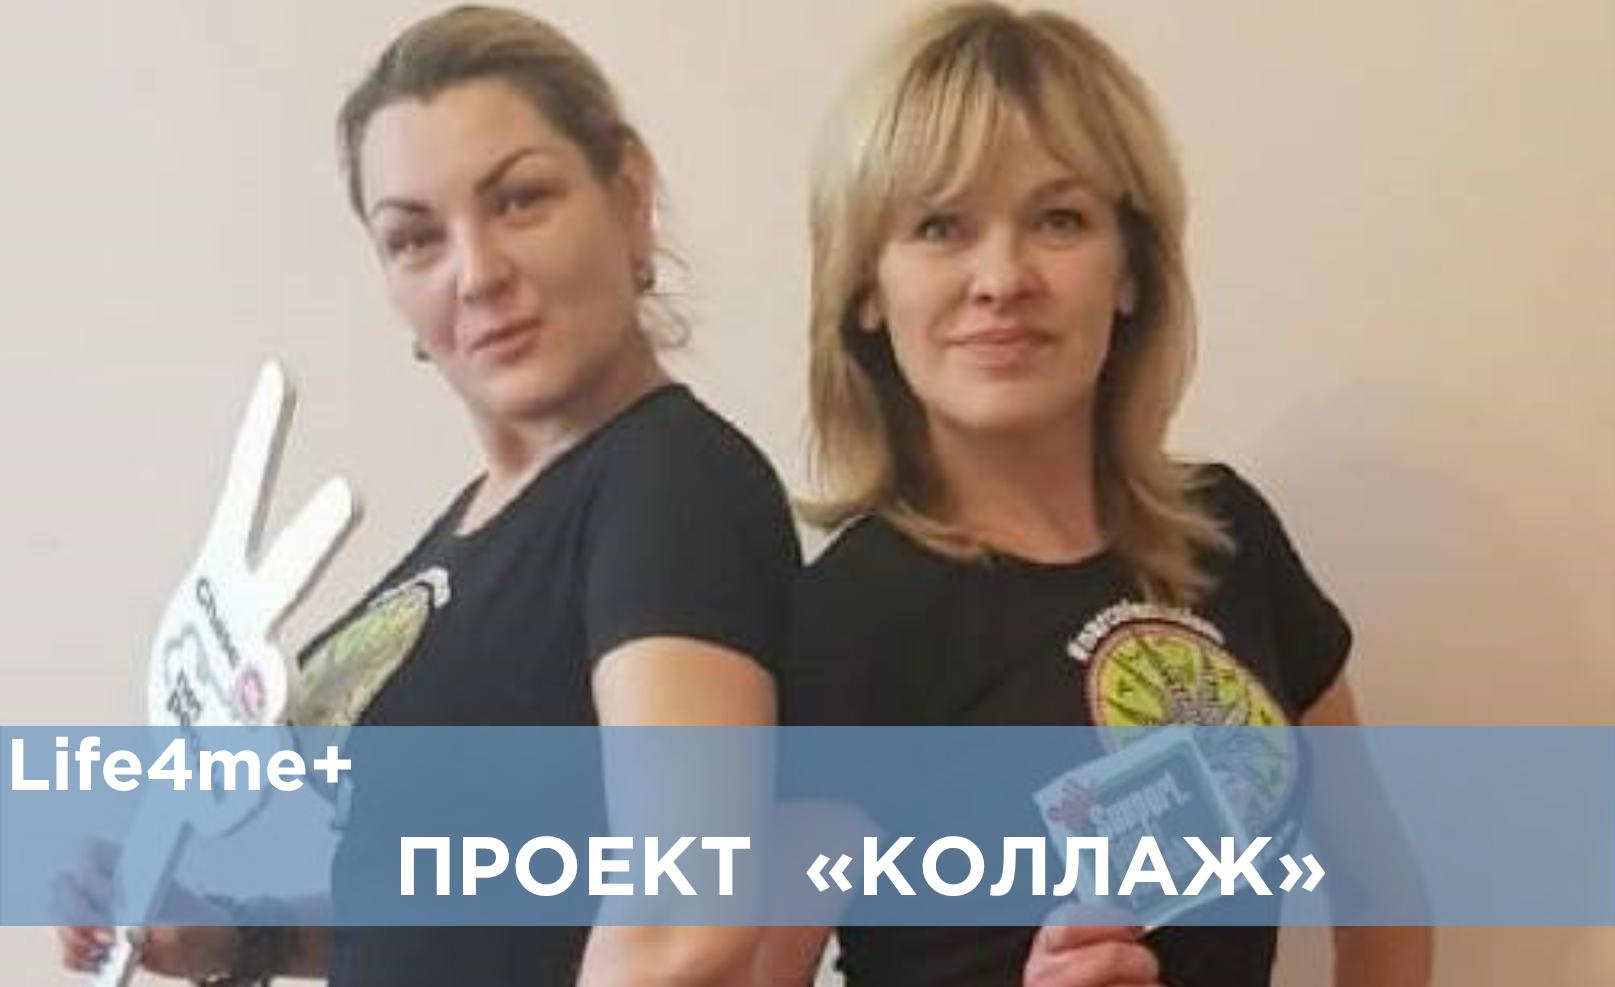 """Коллаж: """"Для поддержки женщин и детей нет доноров"""" - изображение 1"""